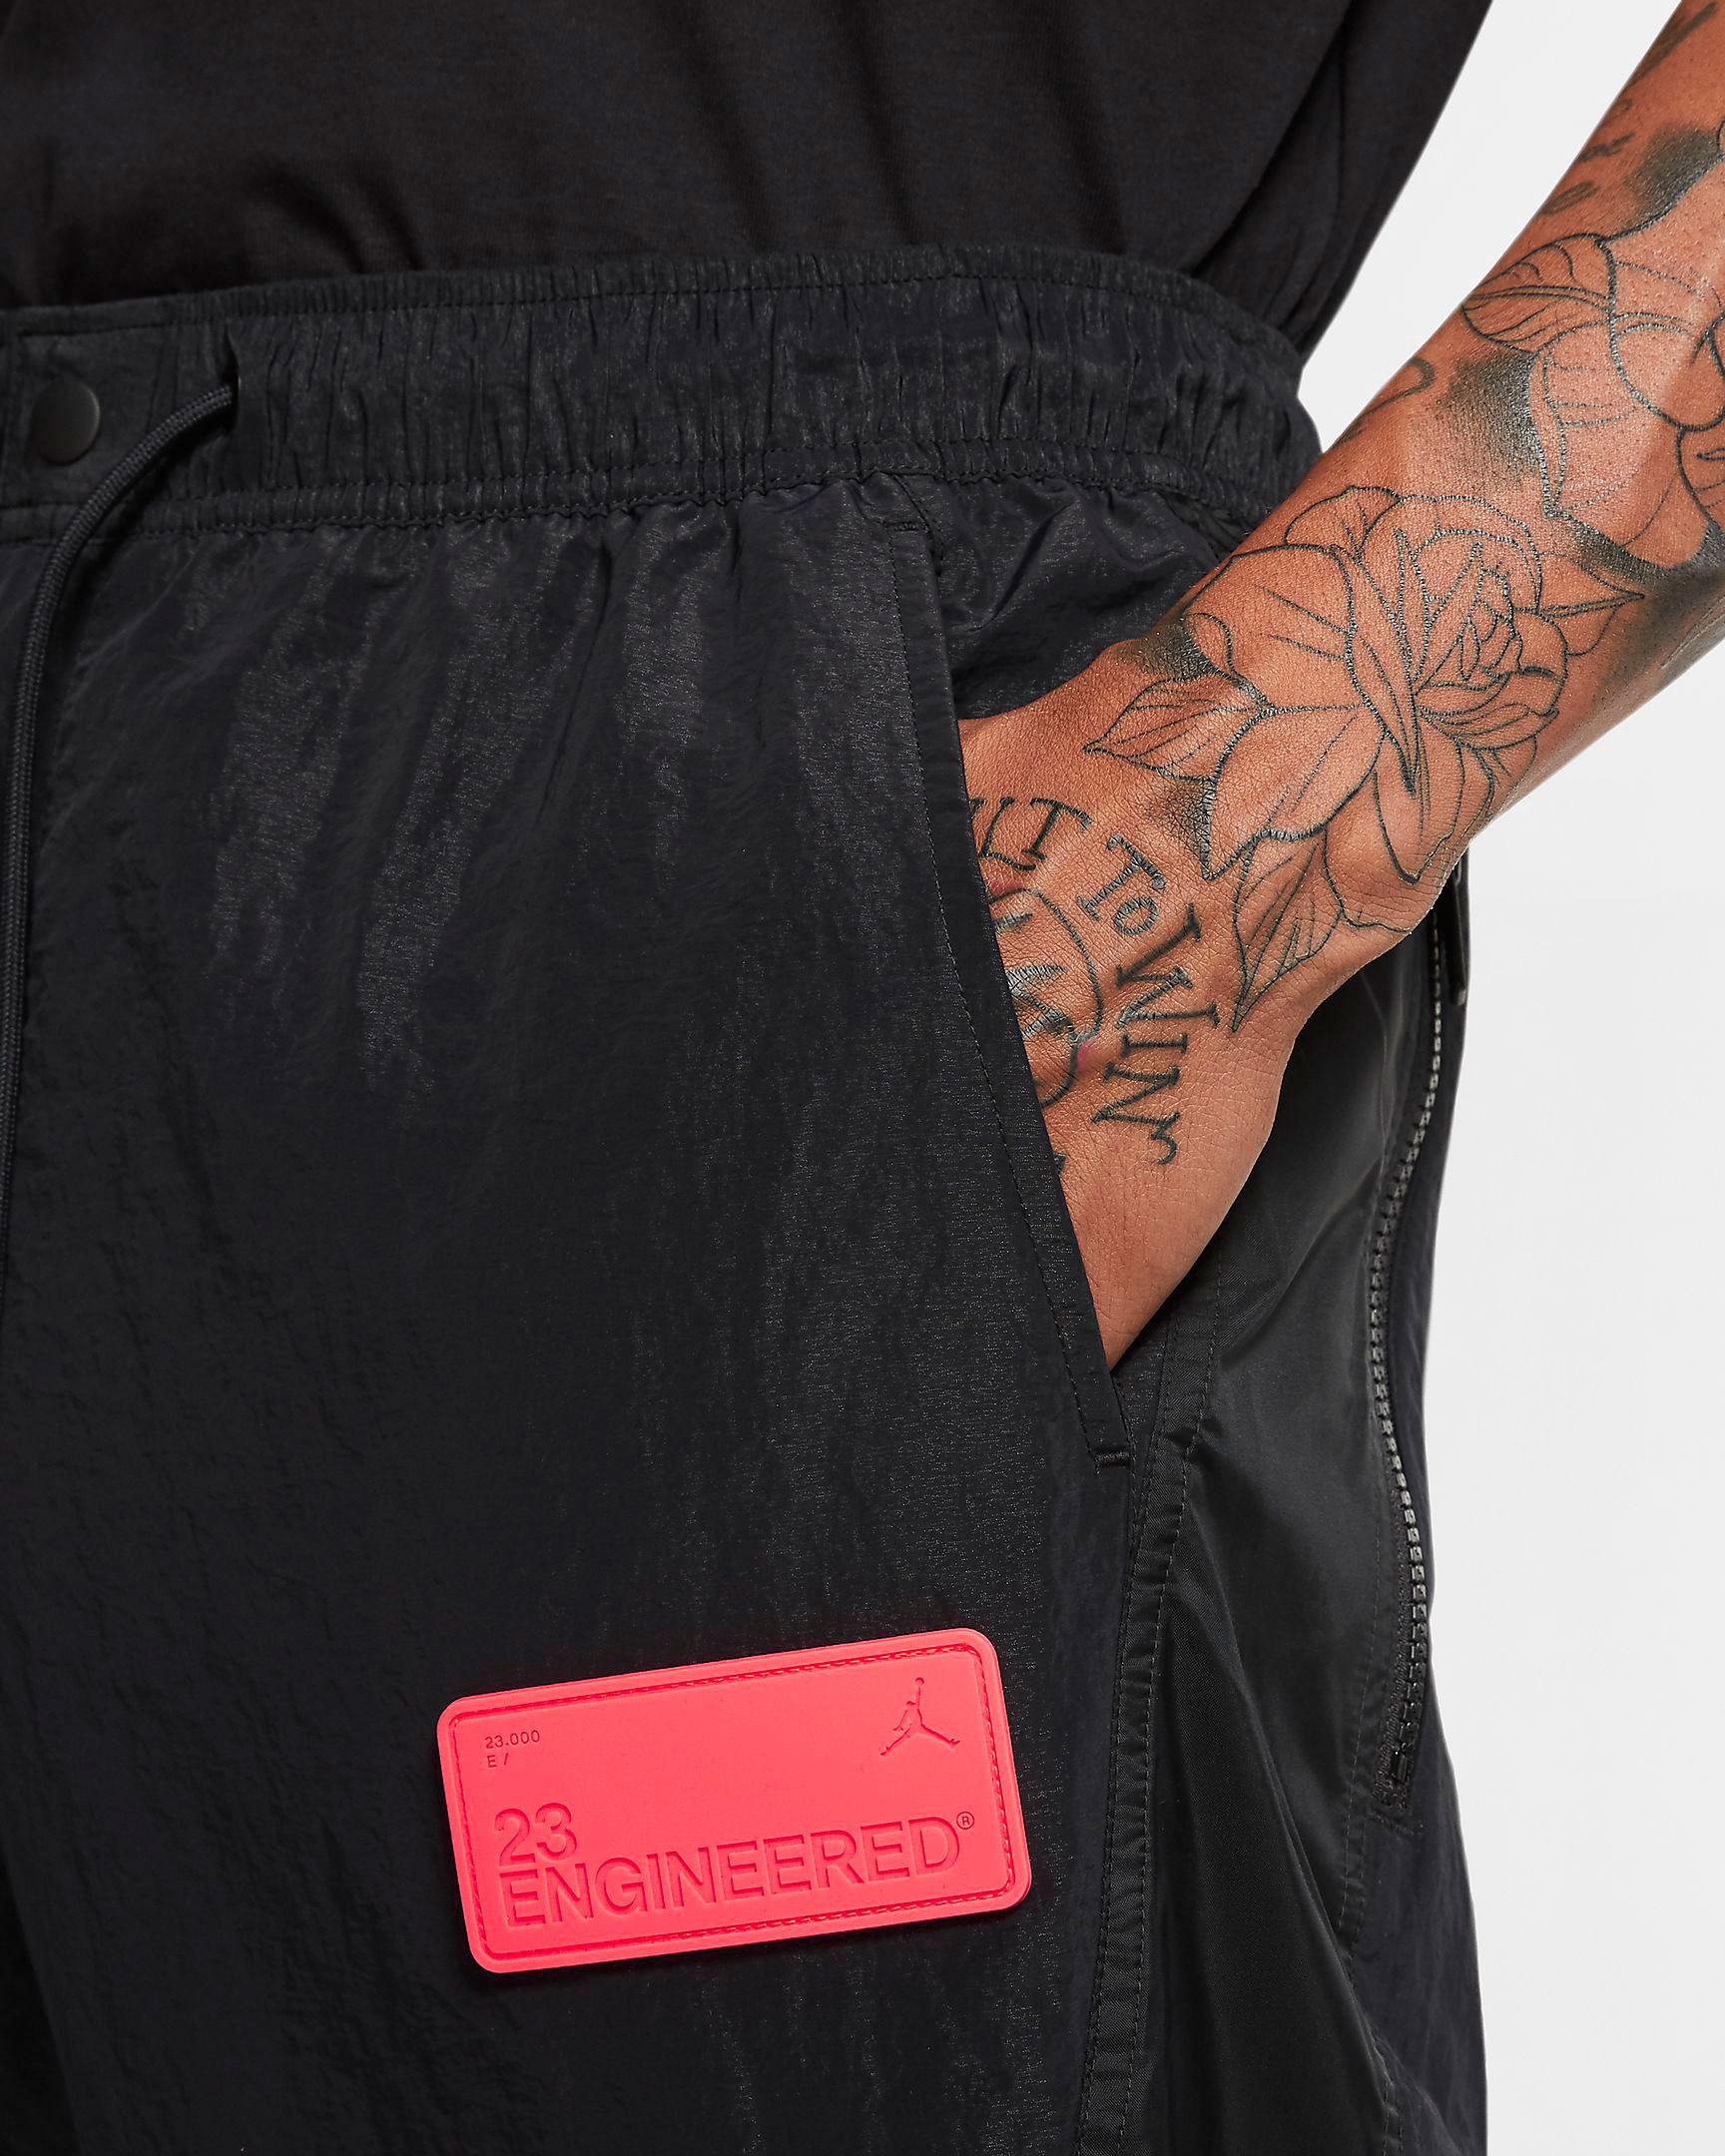 jordan-23-engineered-pants-black-red-2